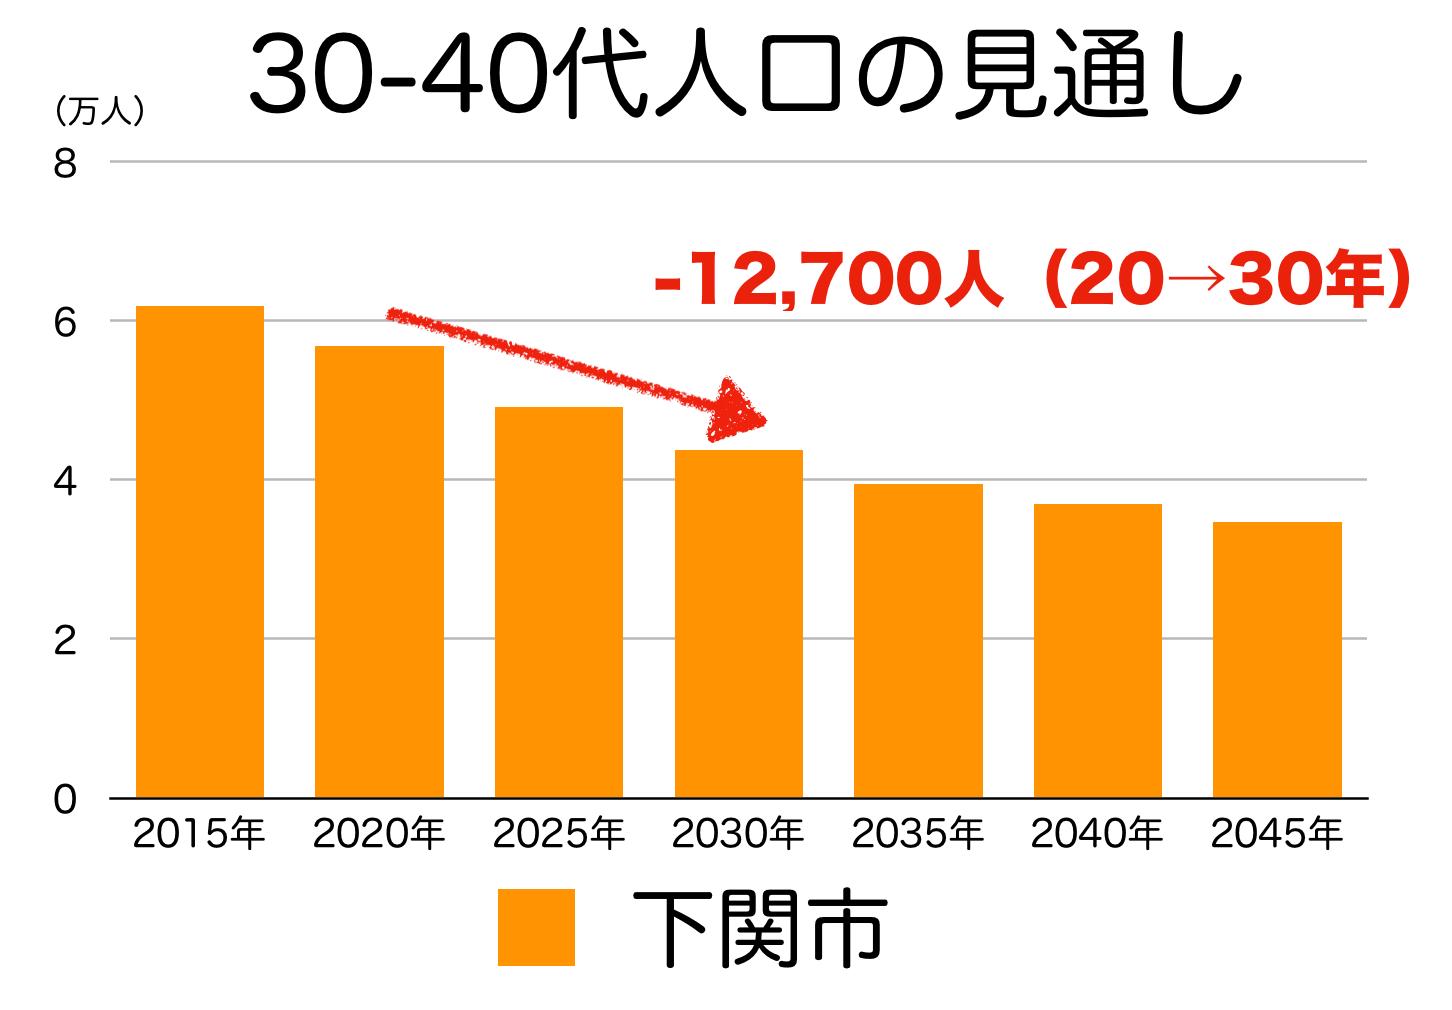 下関市の30〜40代人口の予測